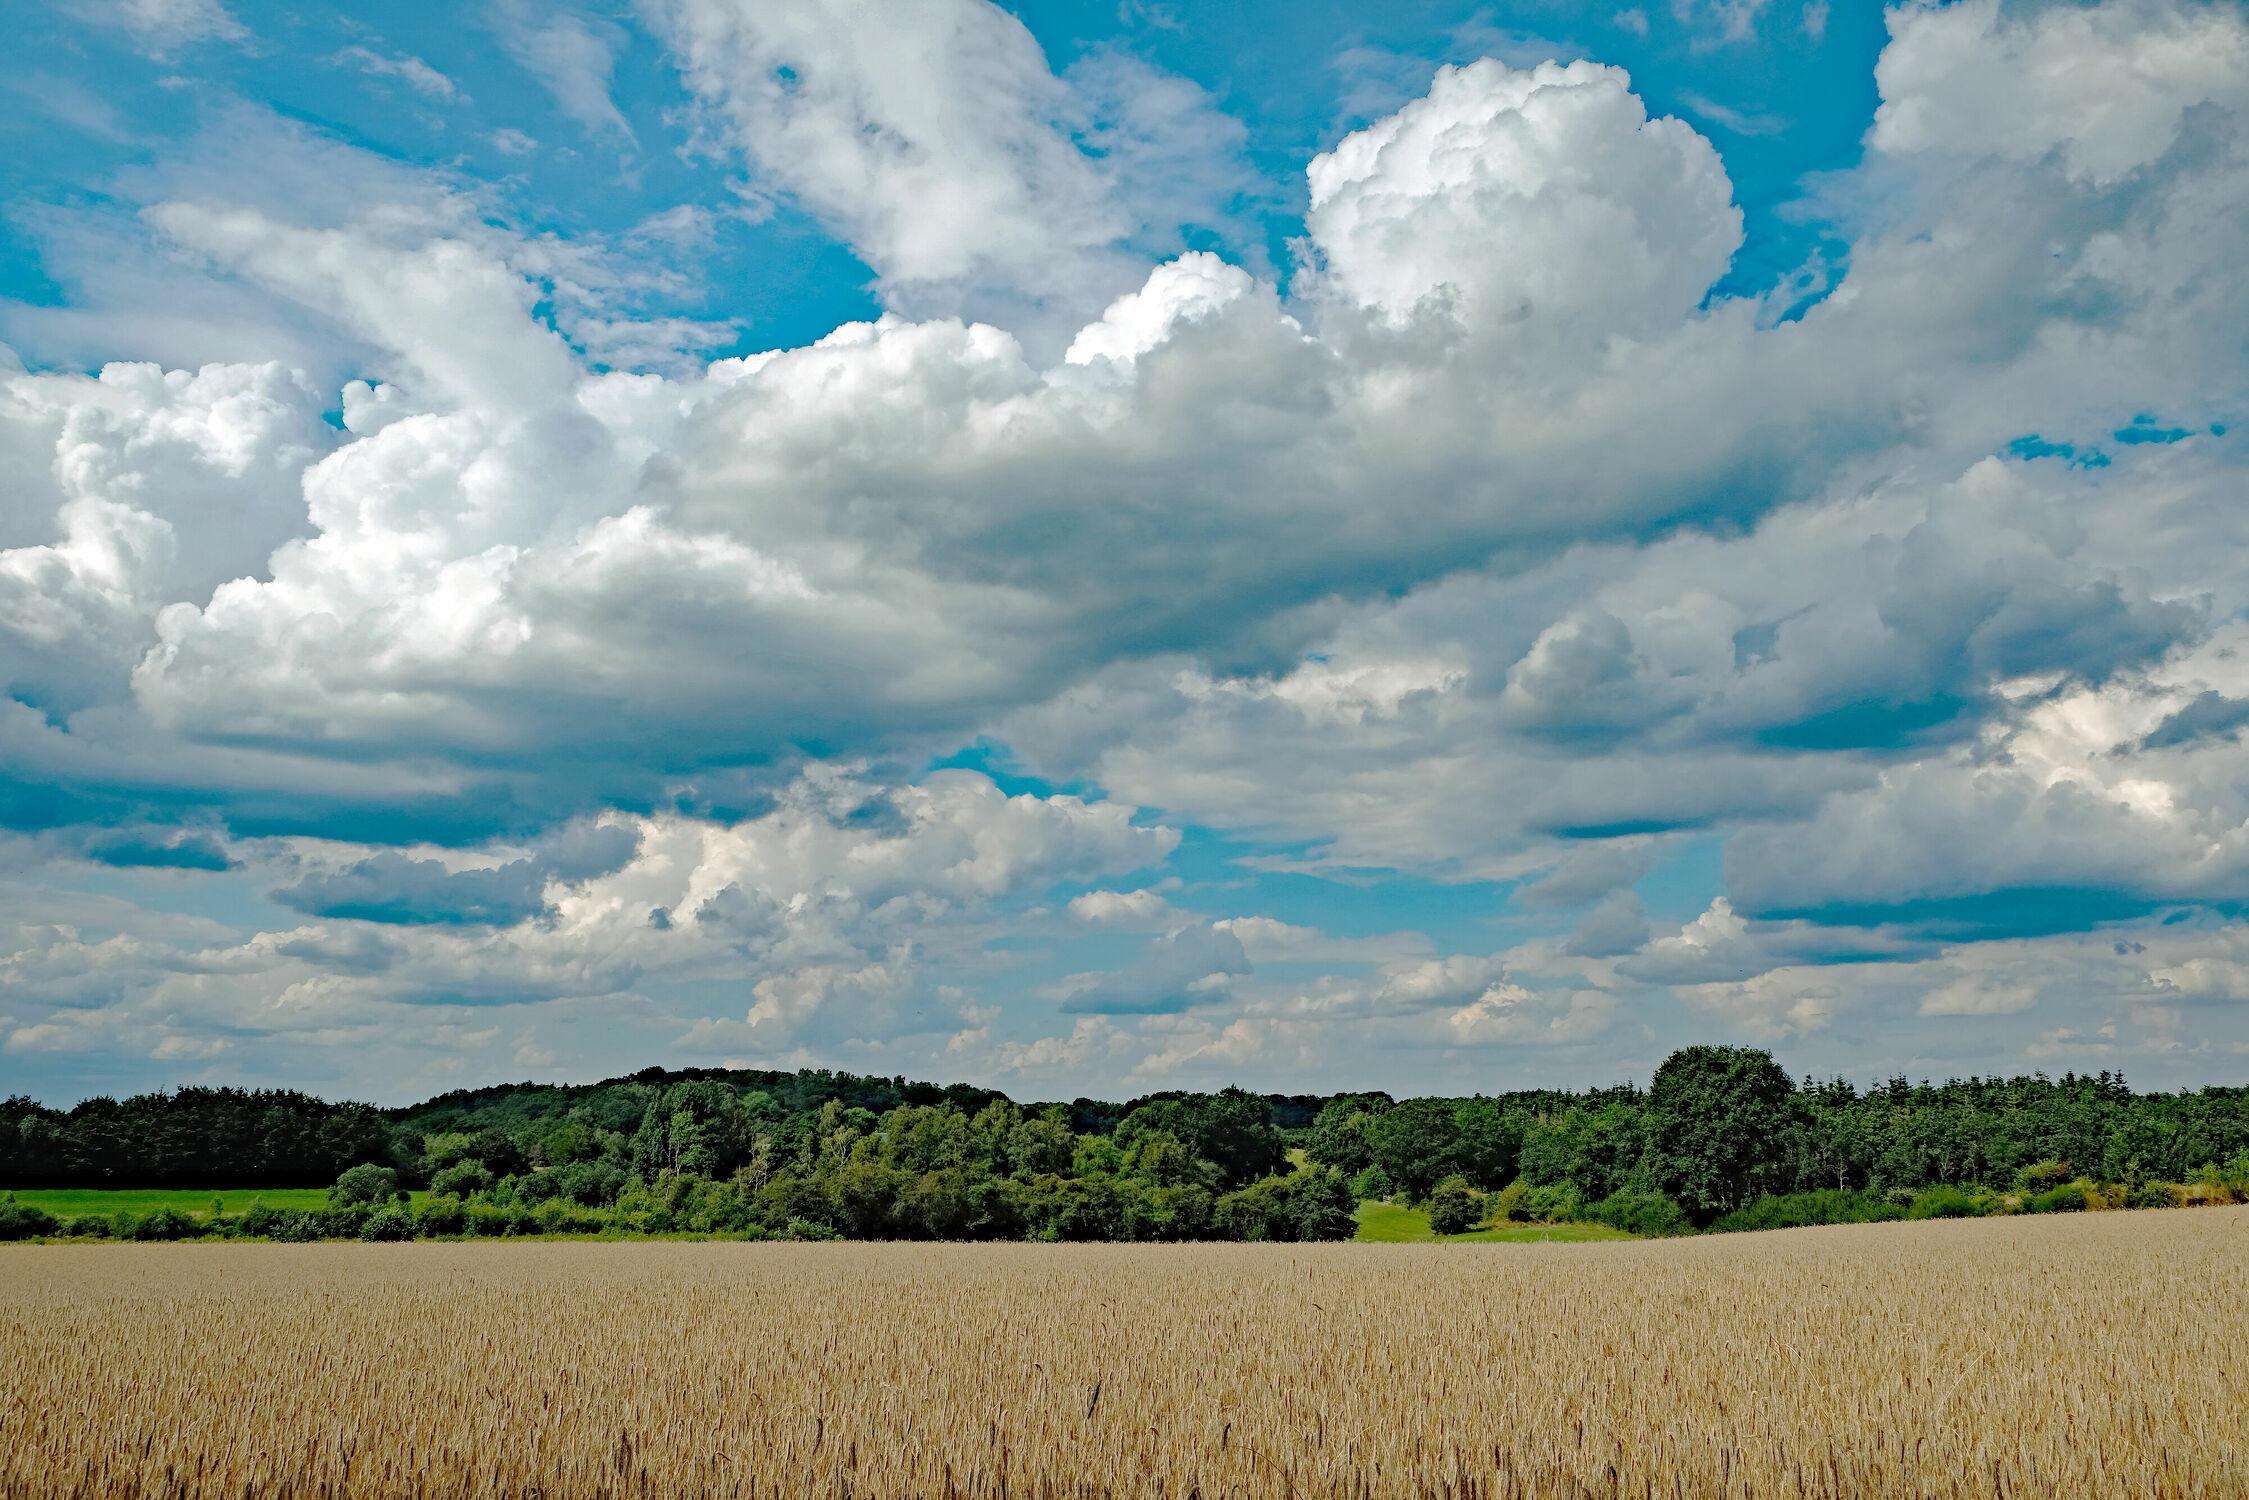 Bild mit Landschaften, Himmel, Bäume, Wolken, Kornfelder, Knicks, Schleswig, Holstein